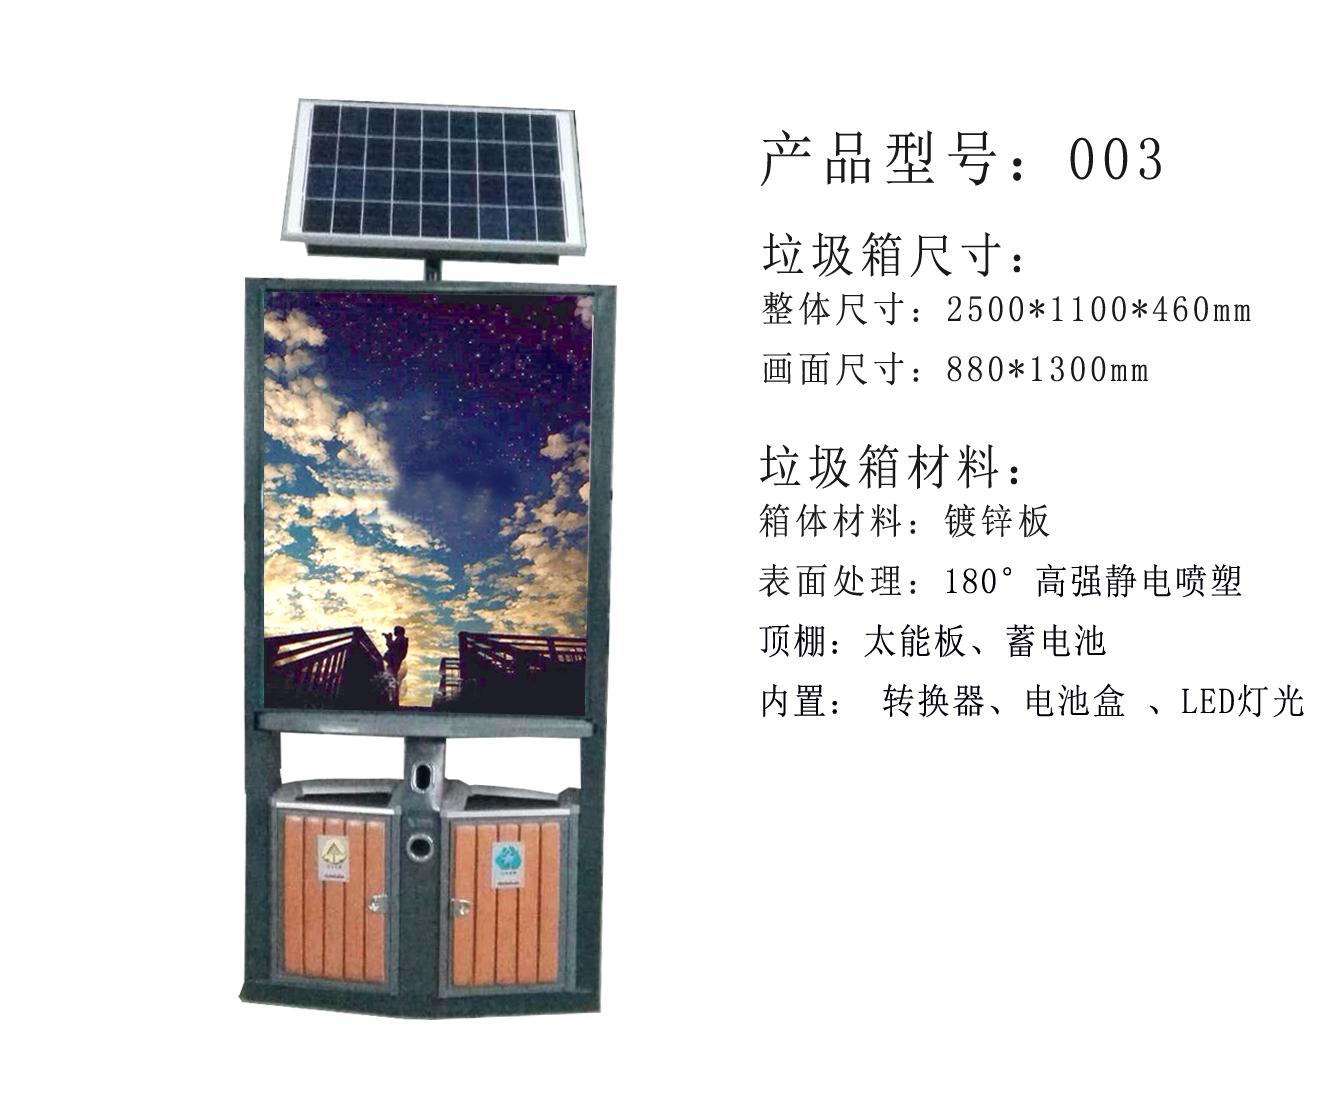 太阳能灯箱HD-T011